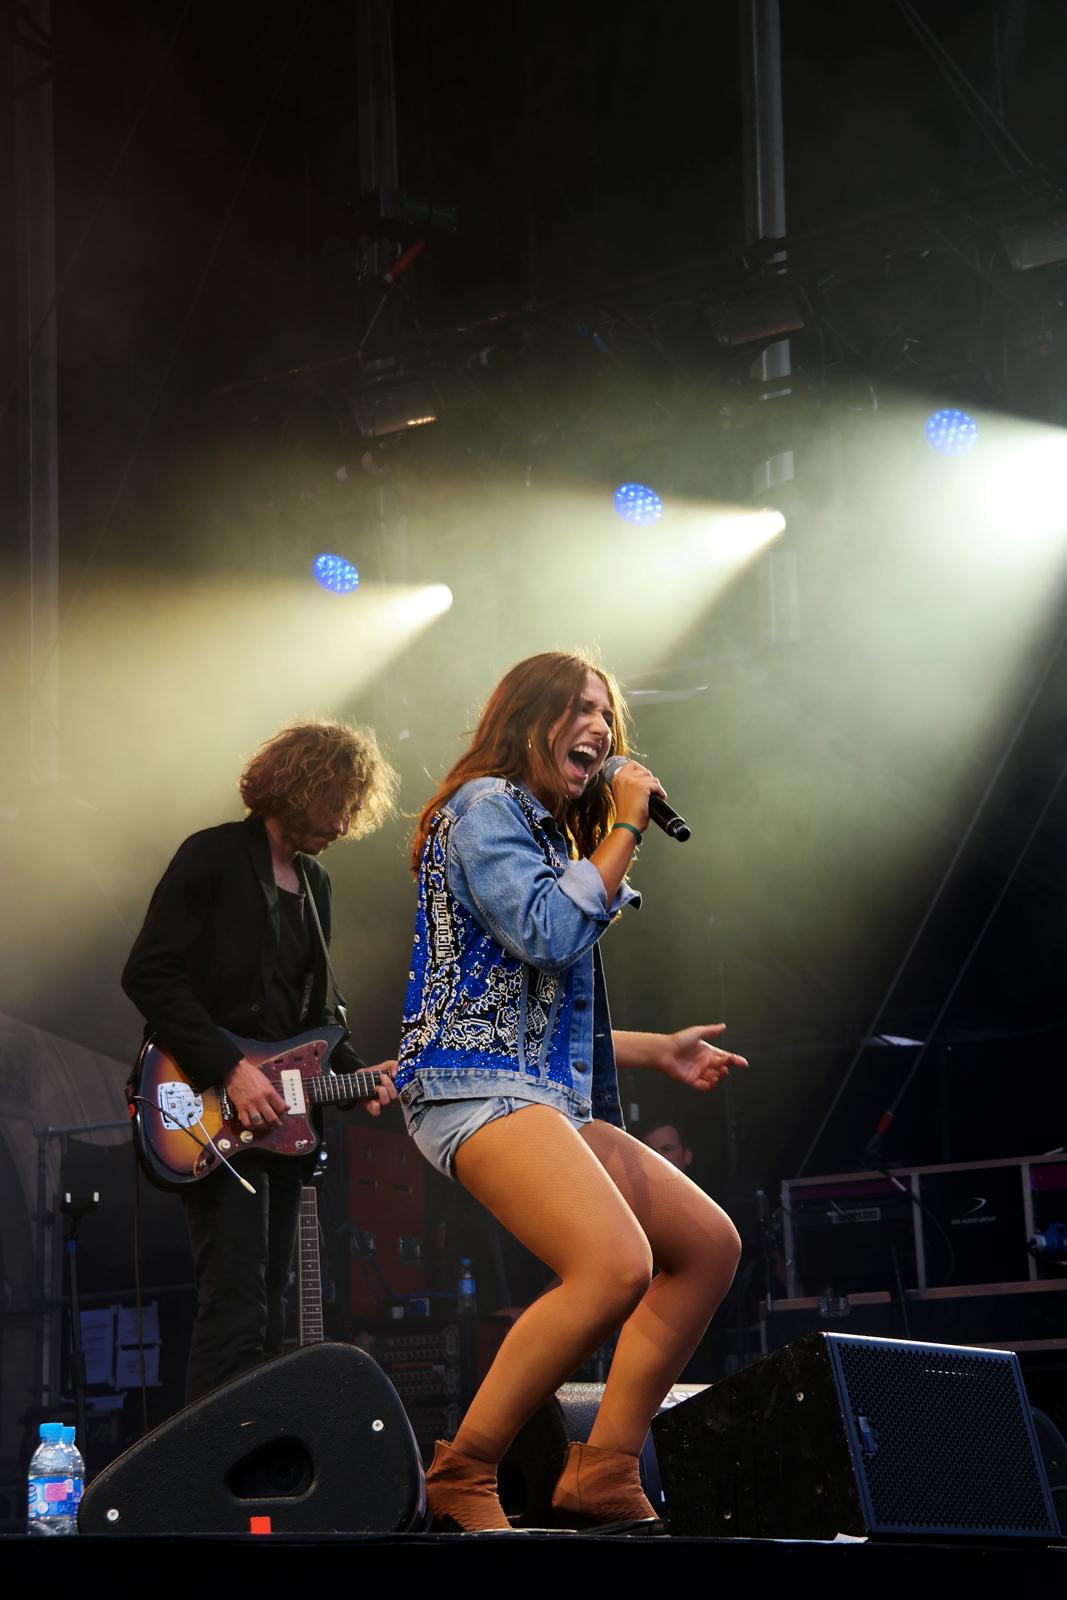 http://www.unitedstatesofparis.com/wp-content/uploads/2015/07/Izia-music-fnaclive-2015-festivial-live-concert-parvis-hotel-de-ville-tournée-la-vague-album-stage-music-higelin-photo-scène-by-United-states-of-paris-blog.jpg